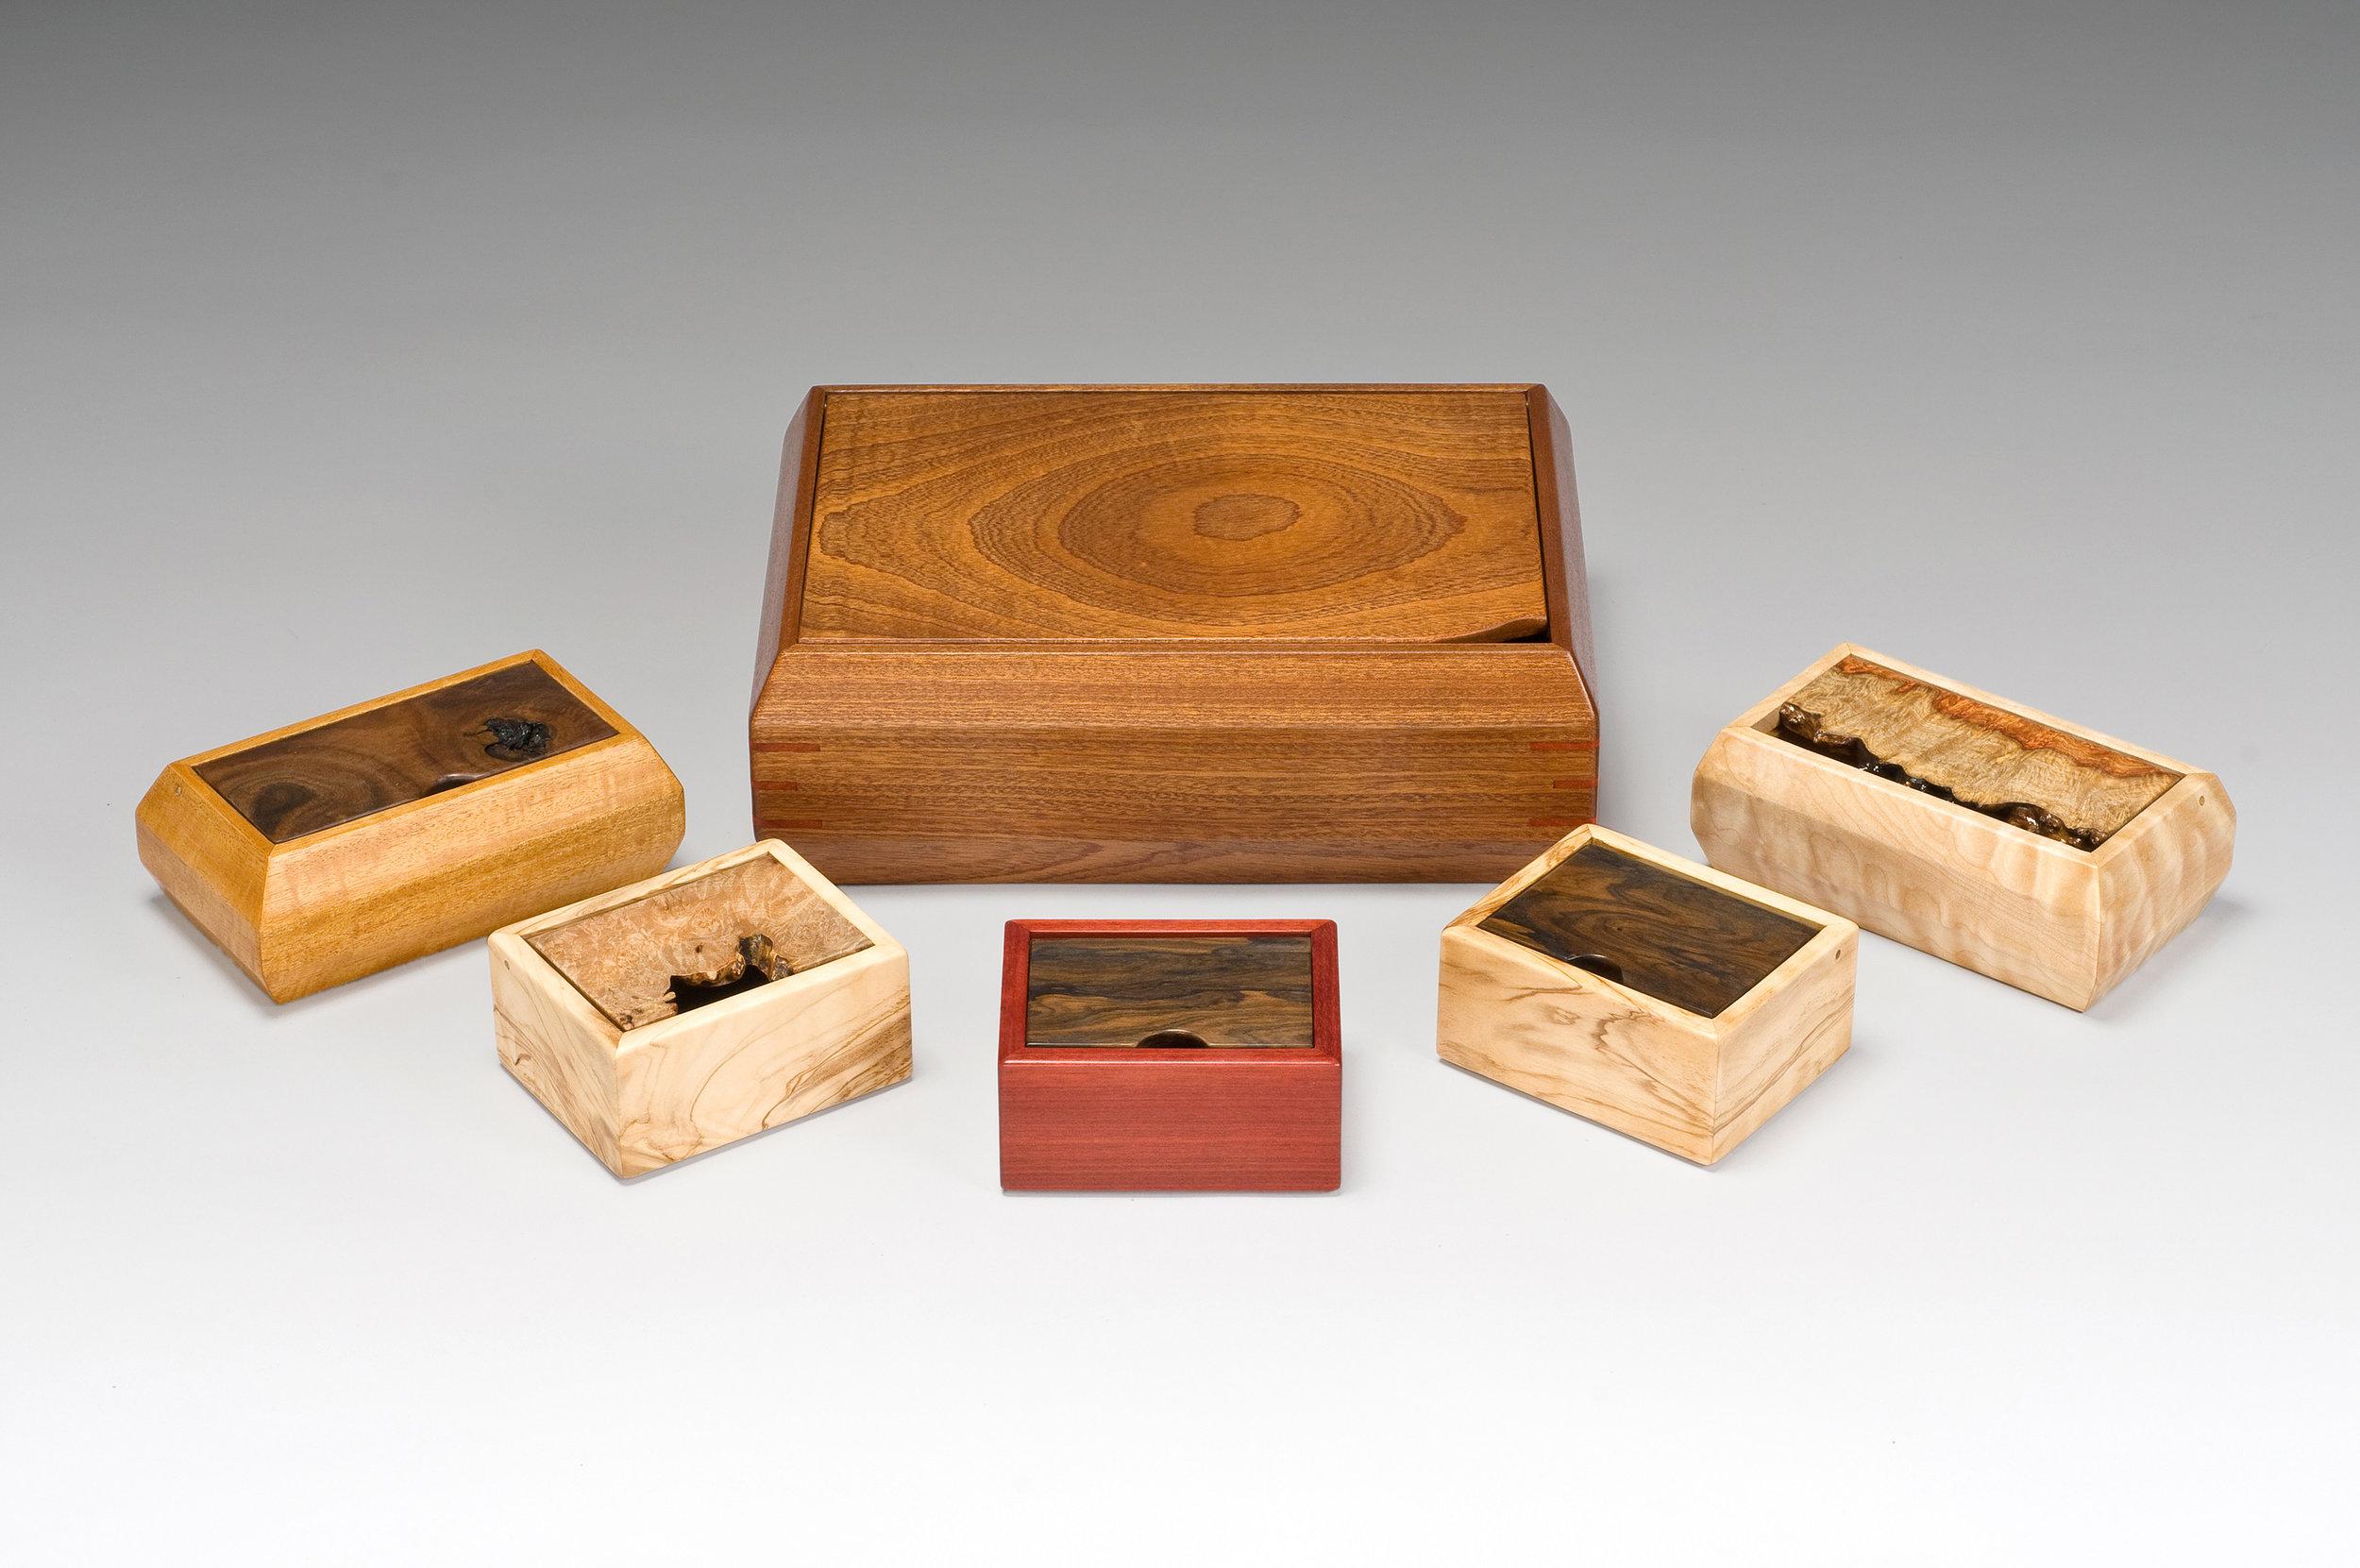 VARIOUS HARDWOOD BOXES